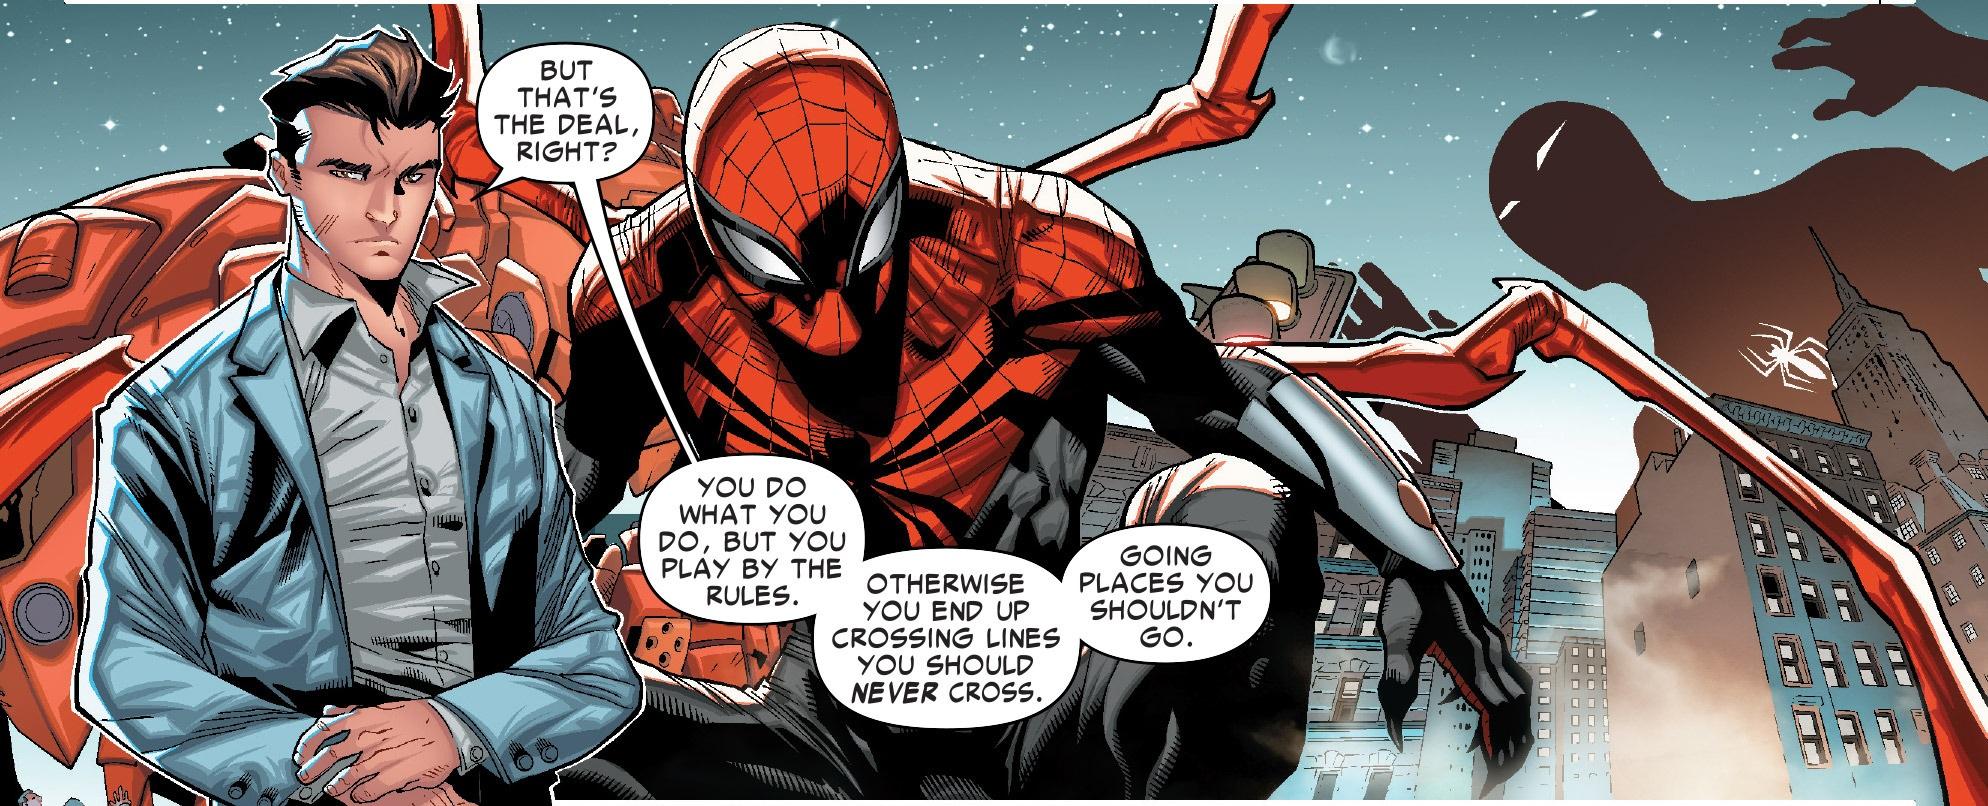 Peter Parker parla dei limiti oltrepassati da Slott durante il suo periodo alla scrittura...